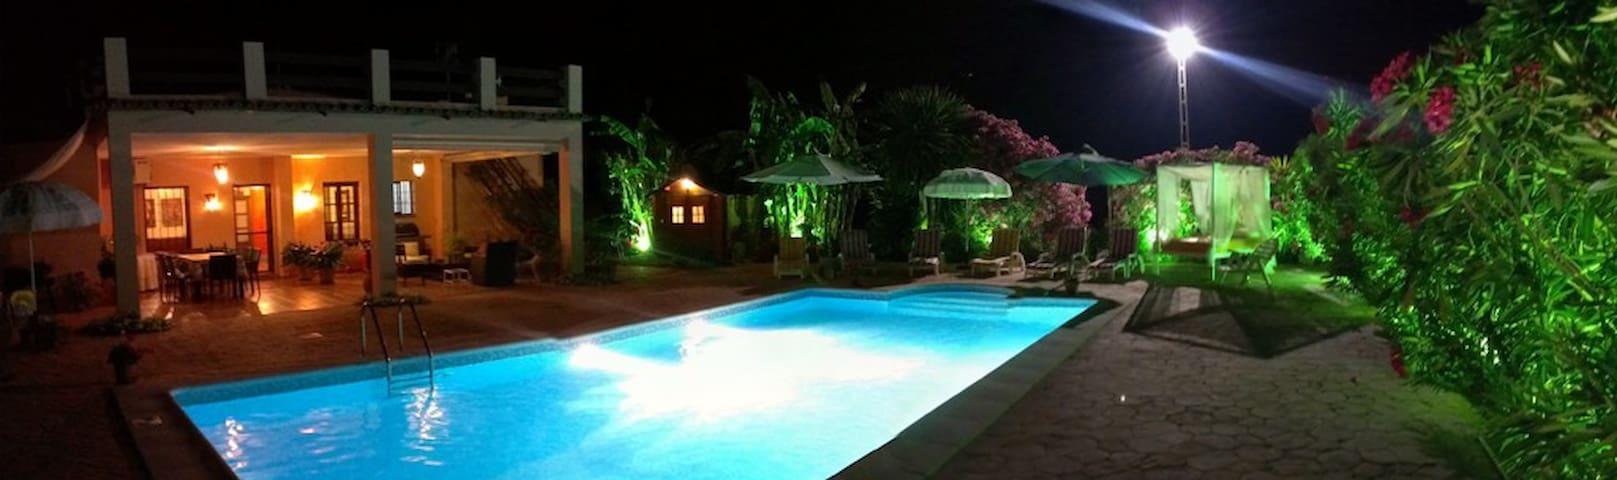 La Casa Azahar · com - San Martín del Tesorillo - Willa